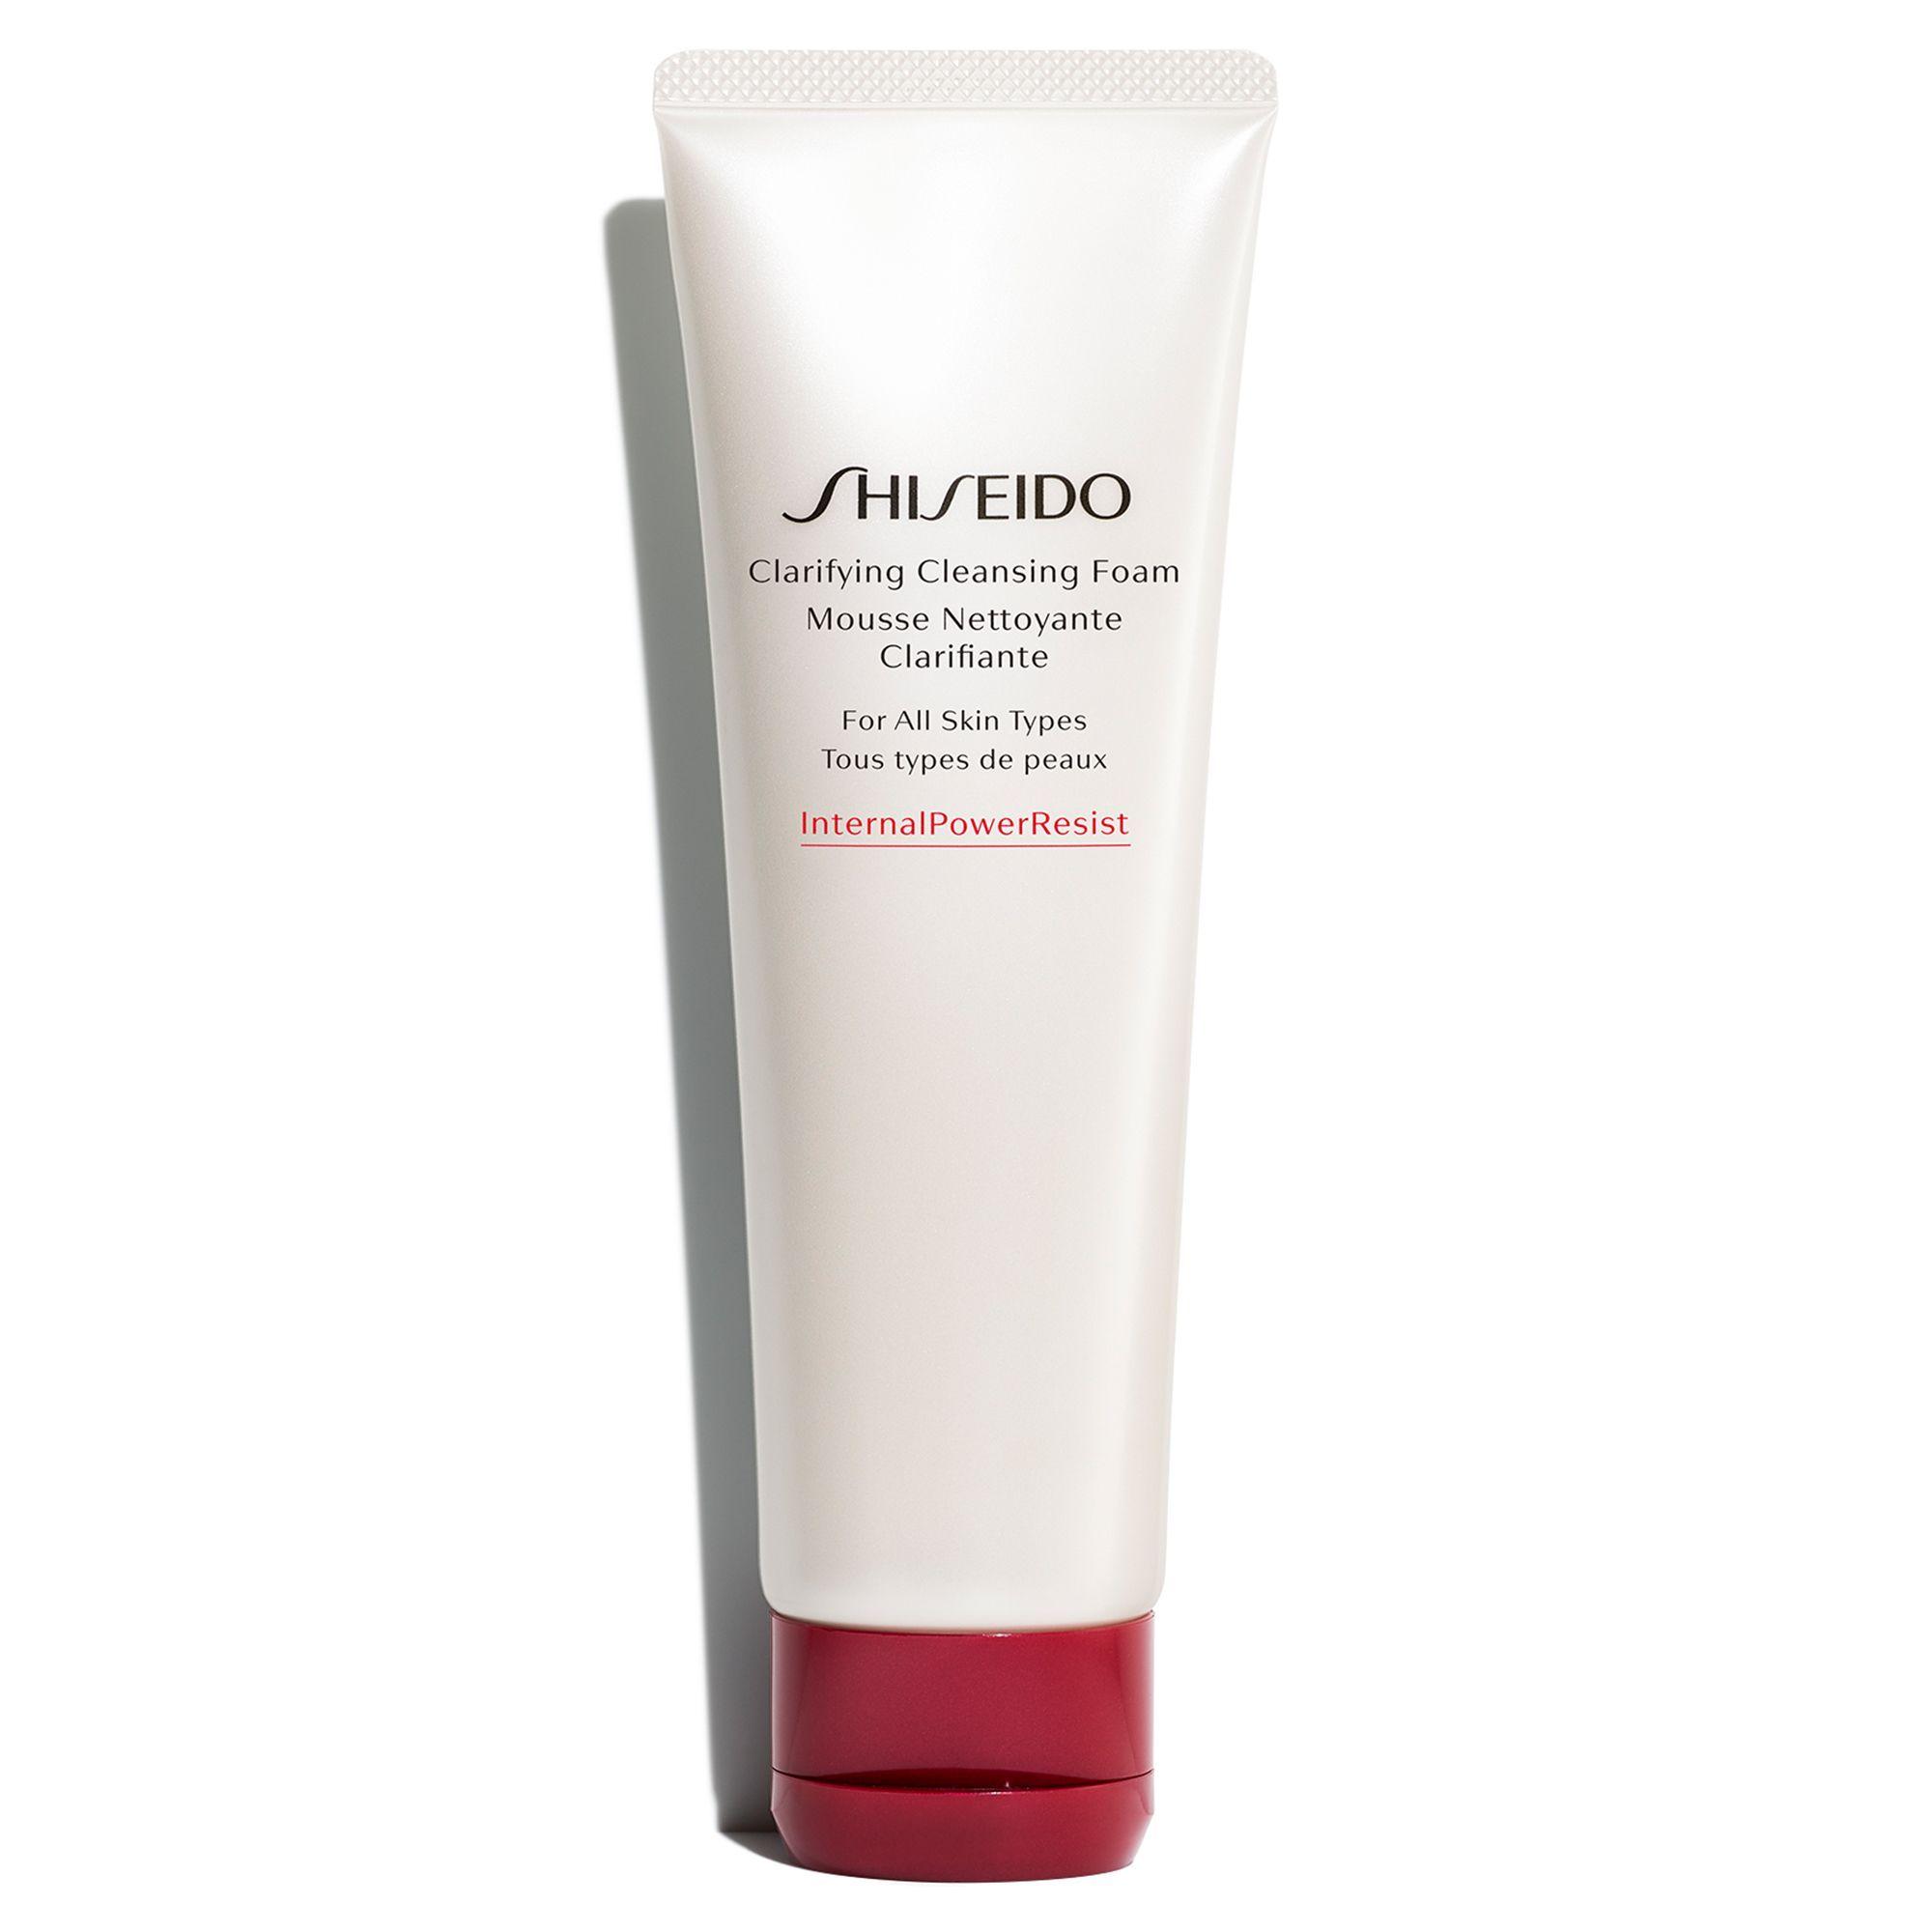 Clarifying Cleansing Foam by Shiseido